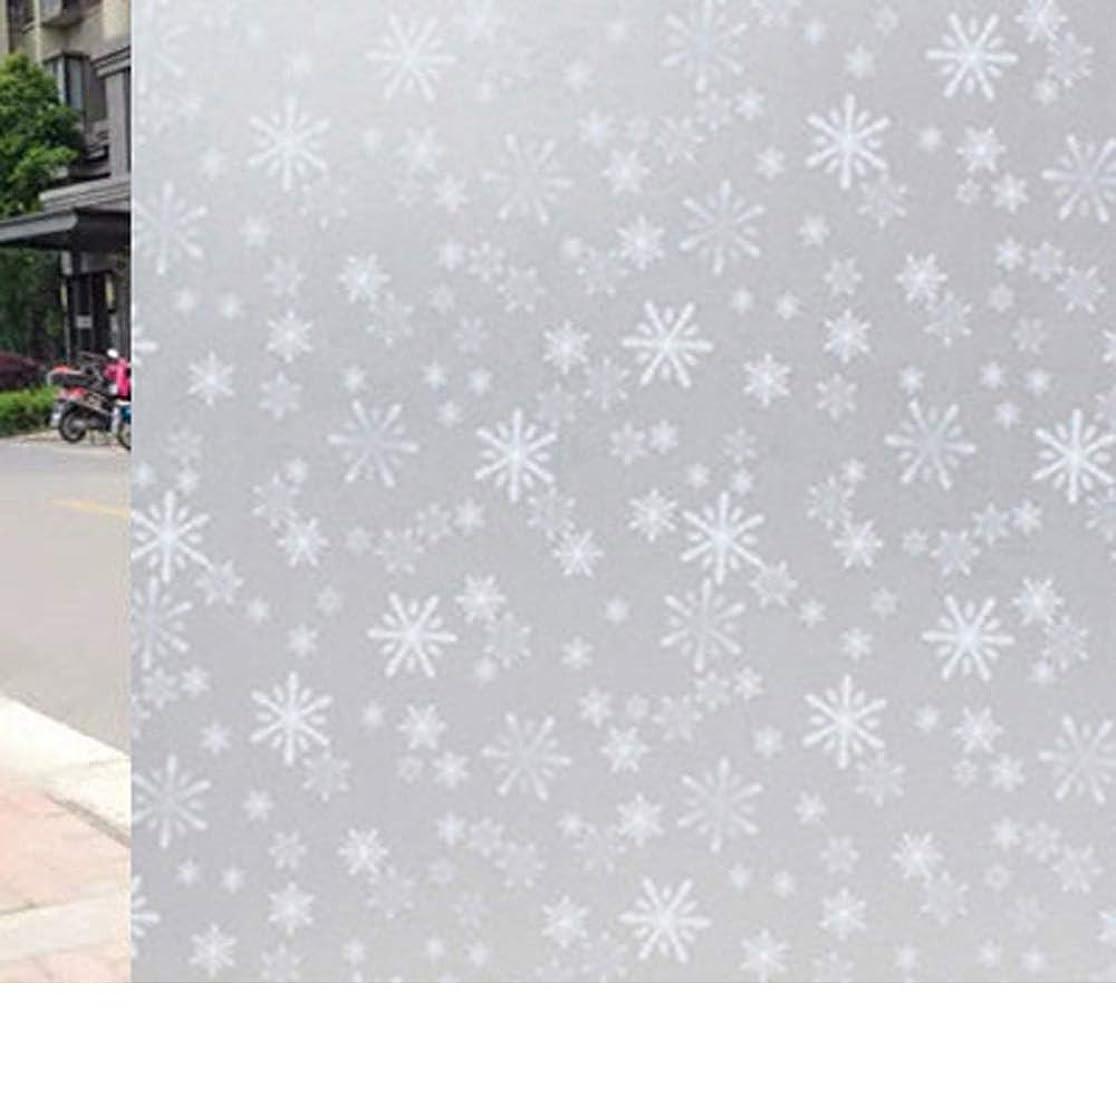 お風呂を持っているばかせっかちYiwanda 窓断熱シート 窓用フィルム 目隠しシート ガラスフィルム UVカット 自己粘着 紫外線対策 飛散防止 防寒 省エネ 断熱 遮光 浴室 (1,90*2000CM)